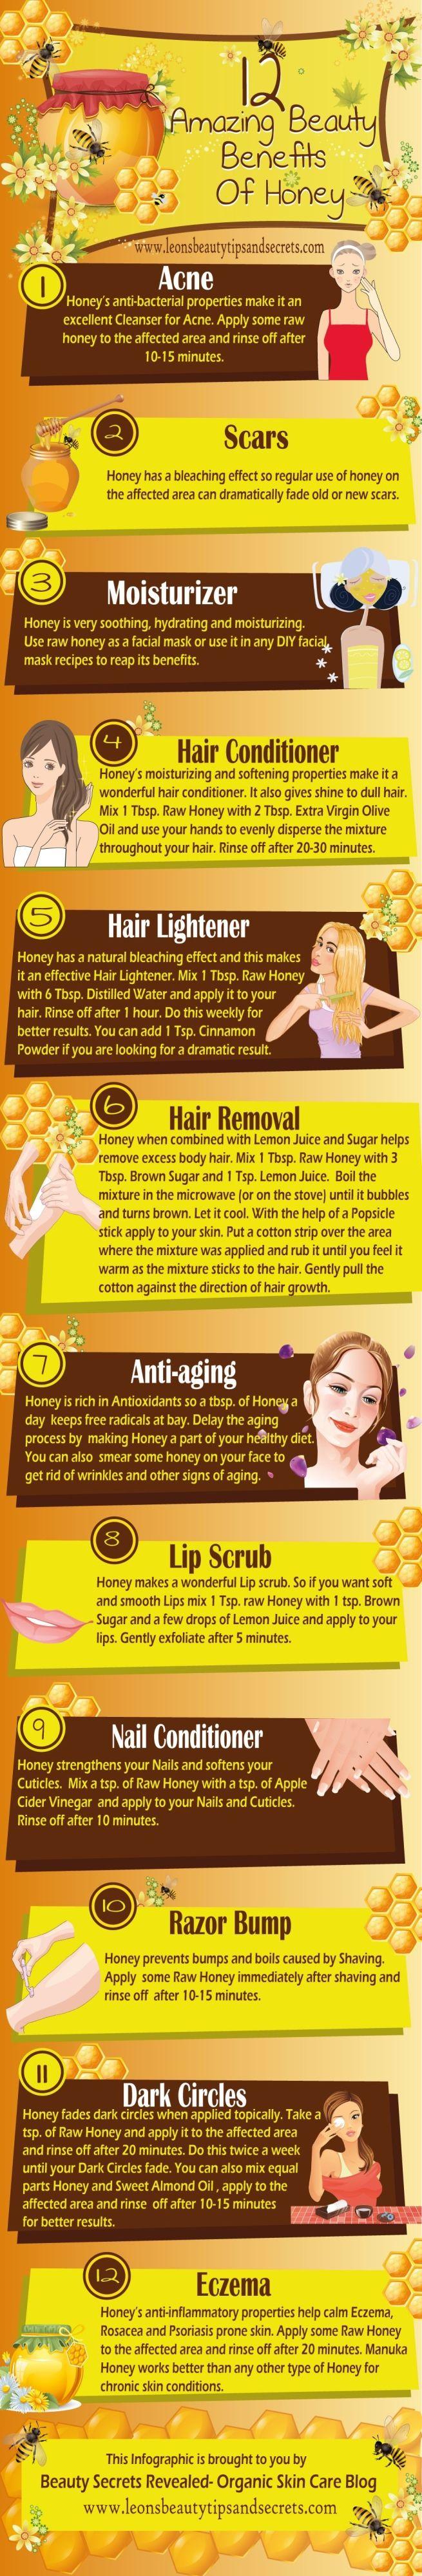 12 Amazing #Beauty Vorteile von # Honey- #Infographic